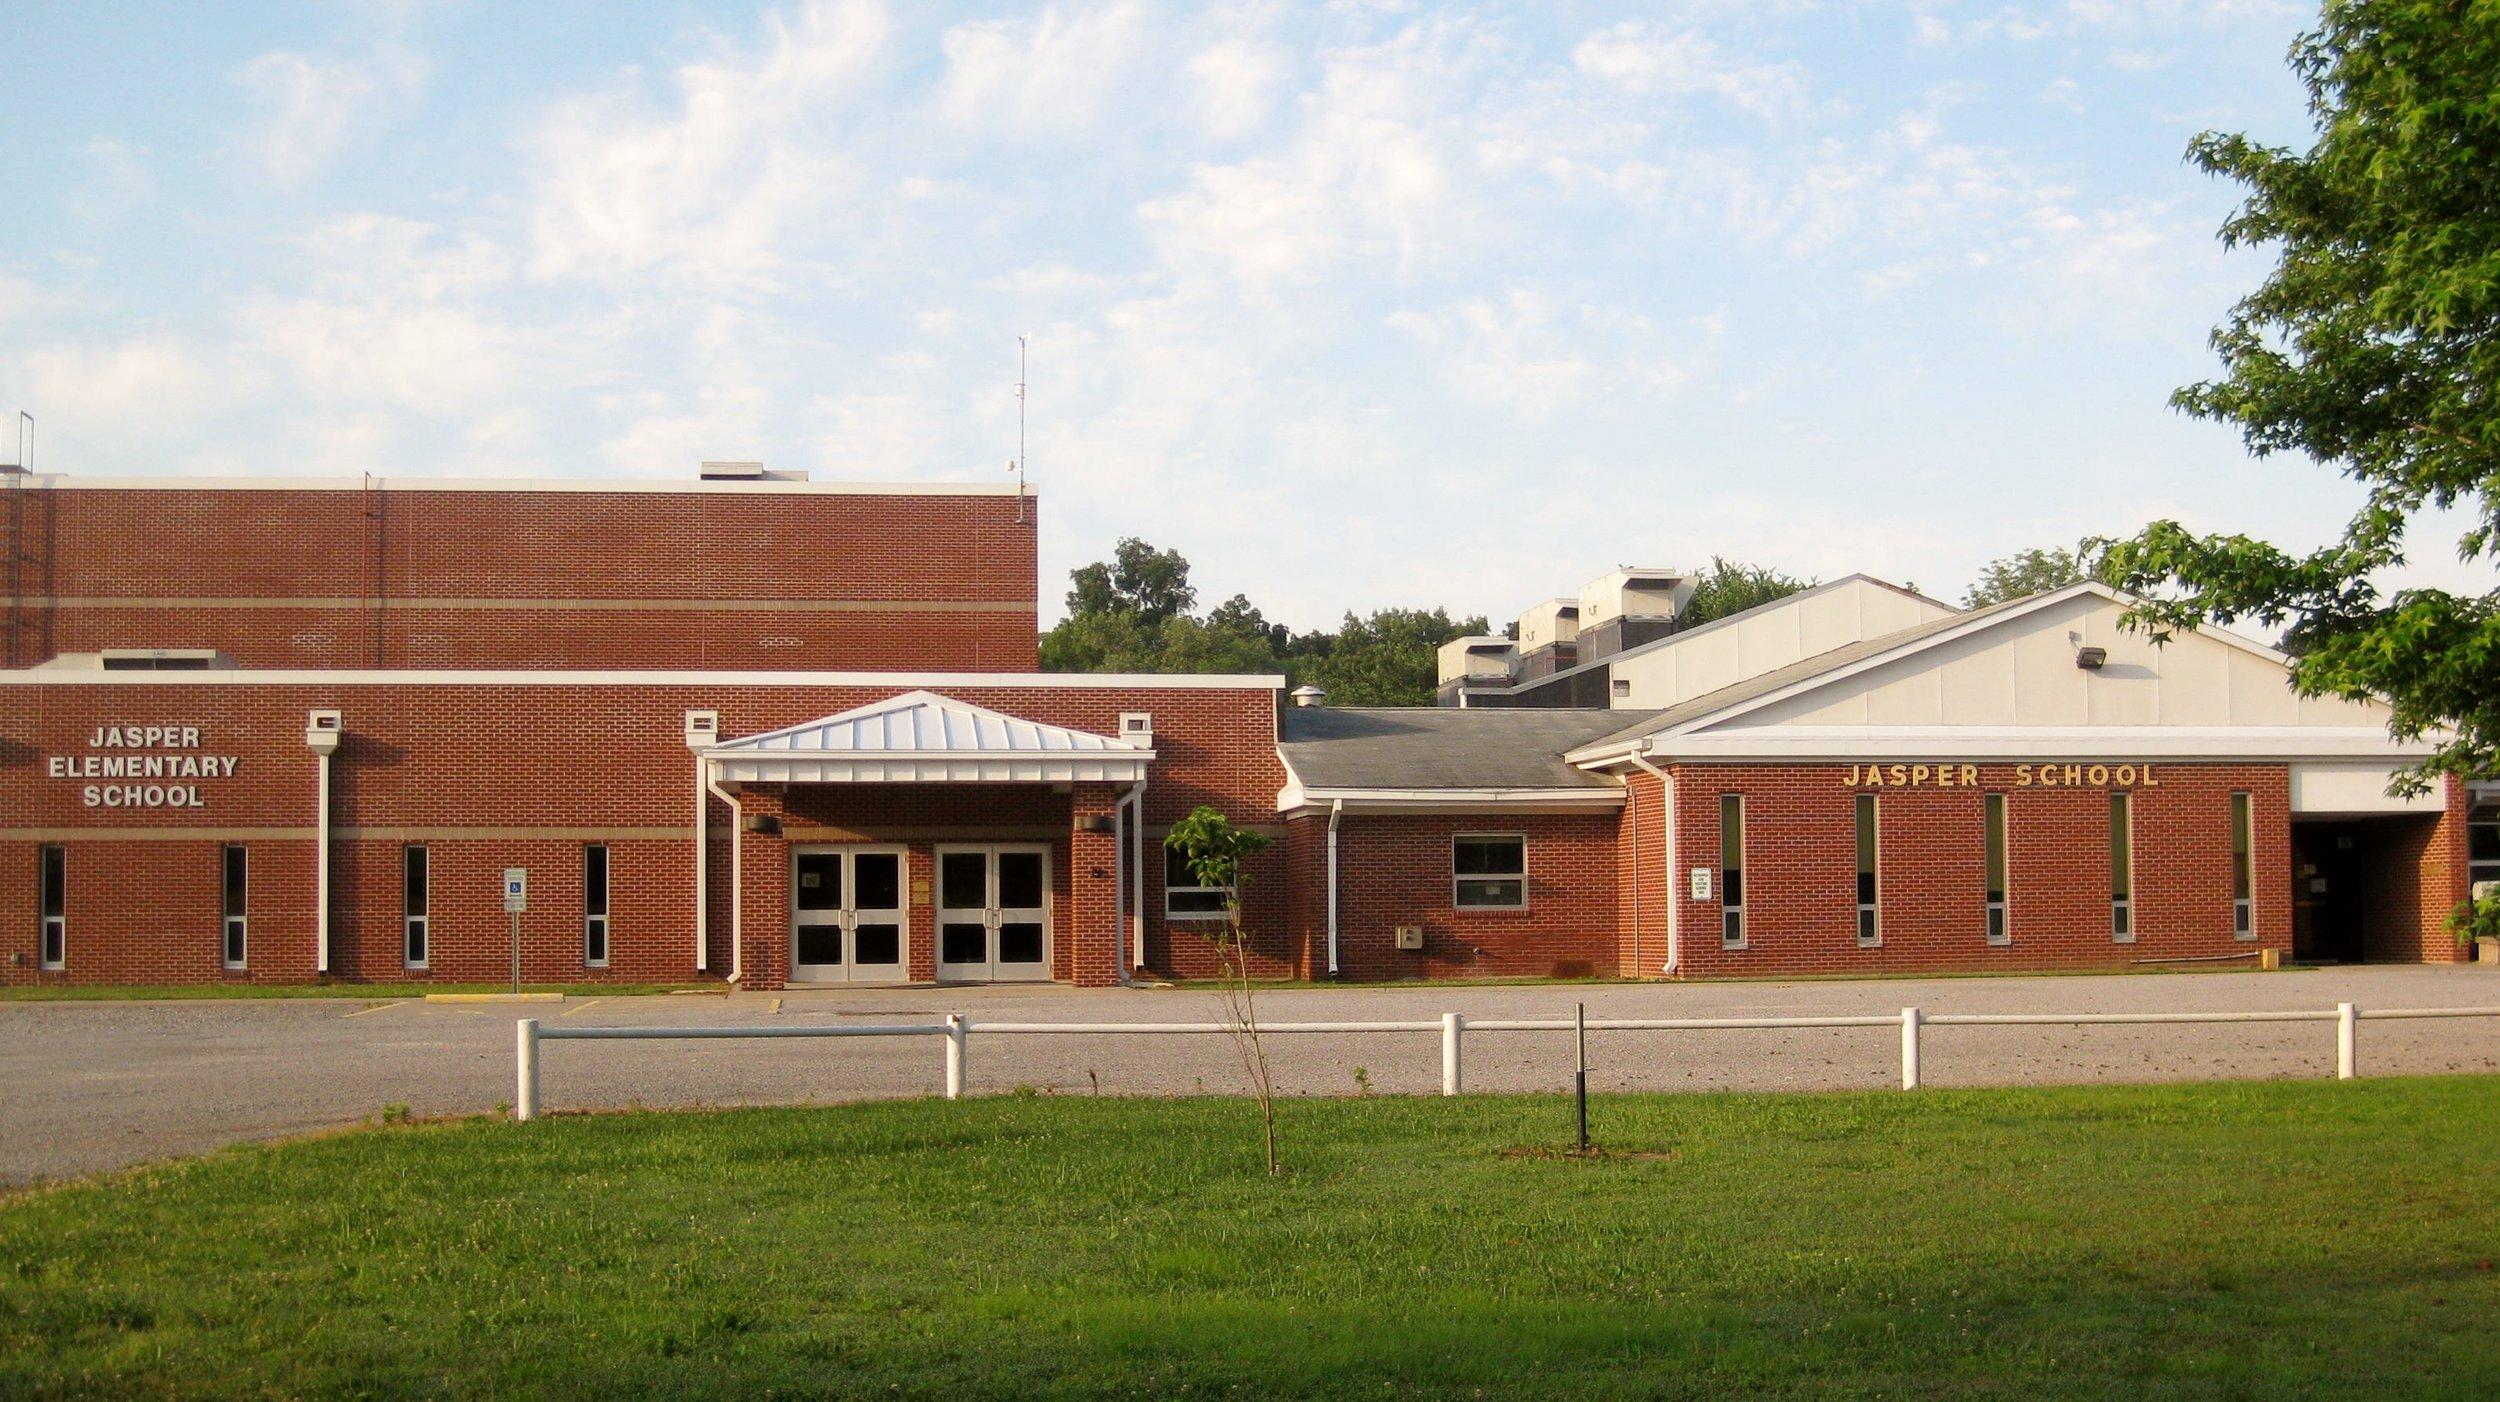 JASPER GRADE SCHOOL